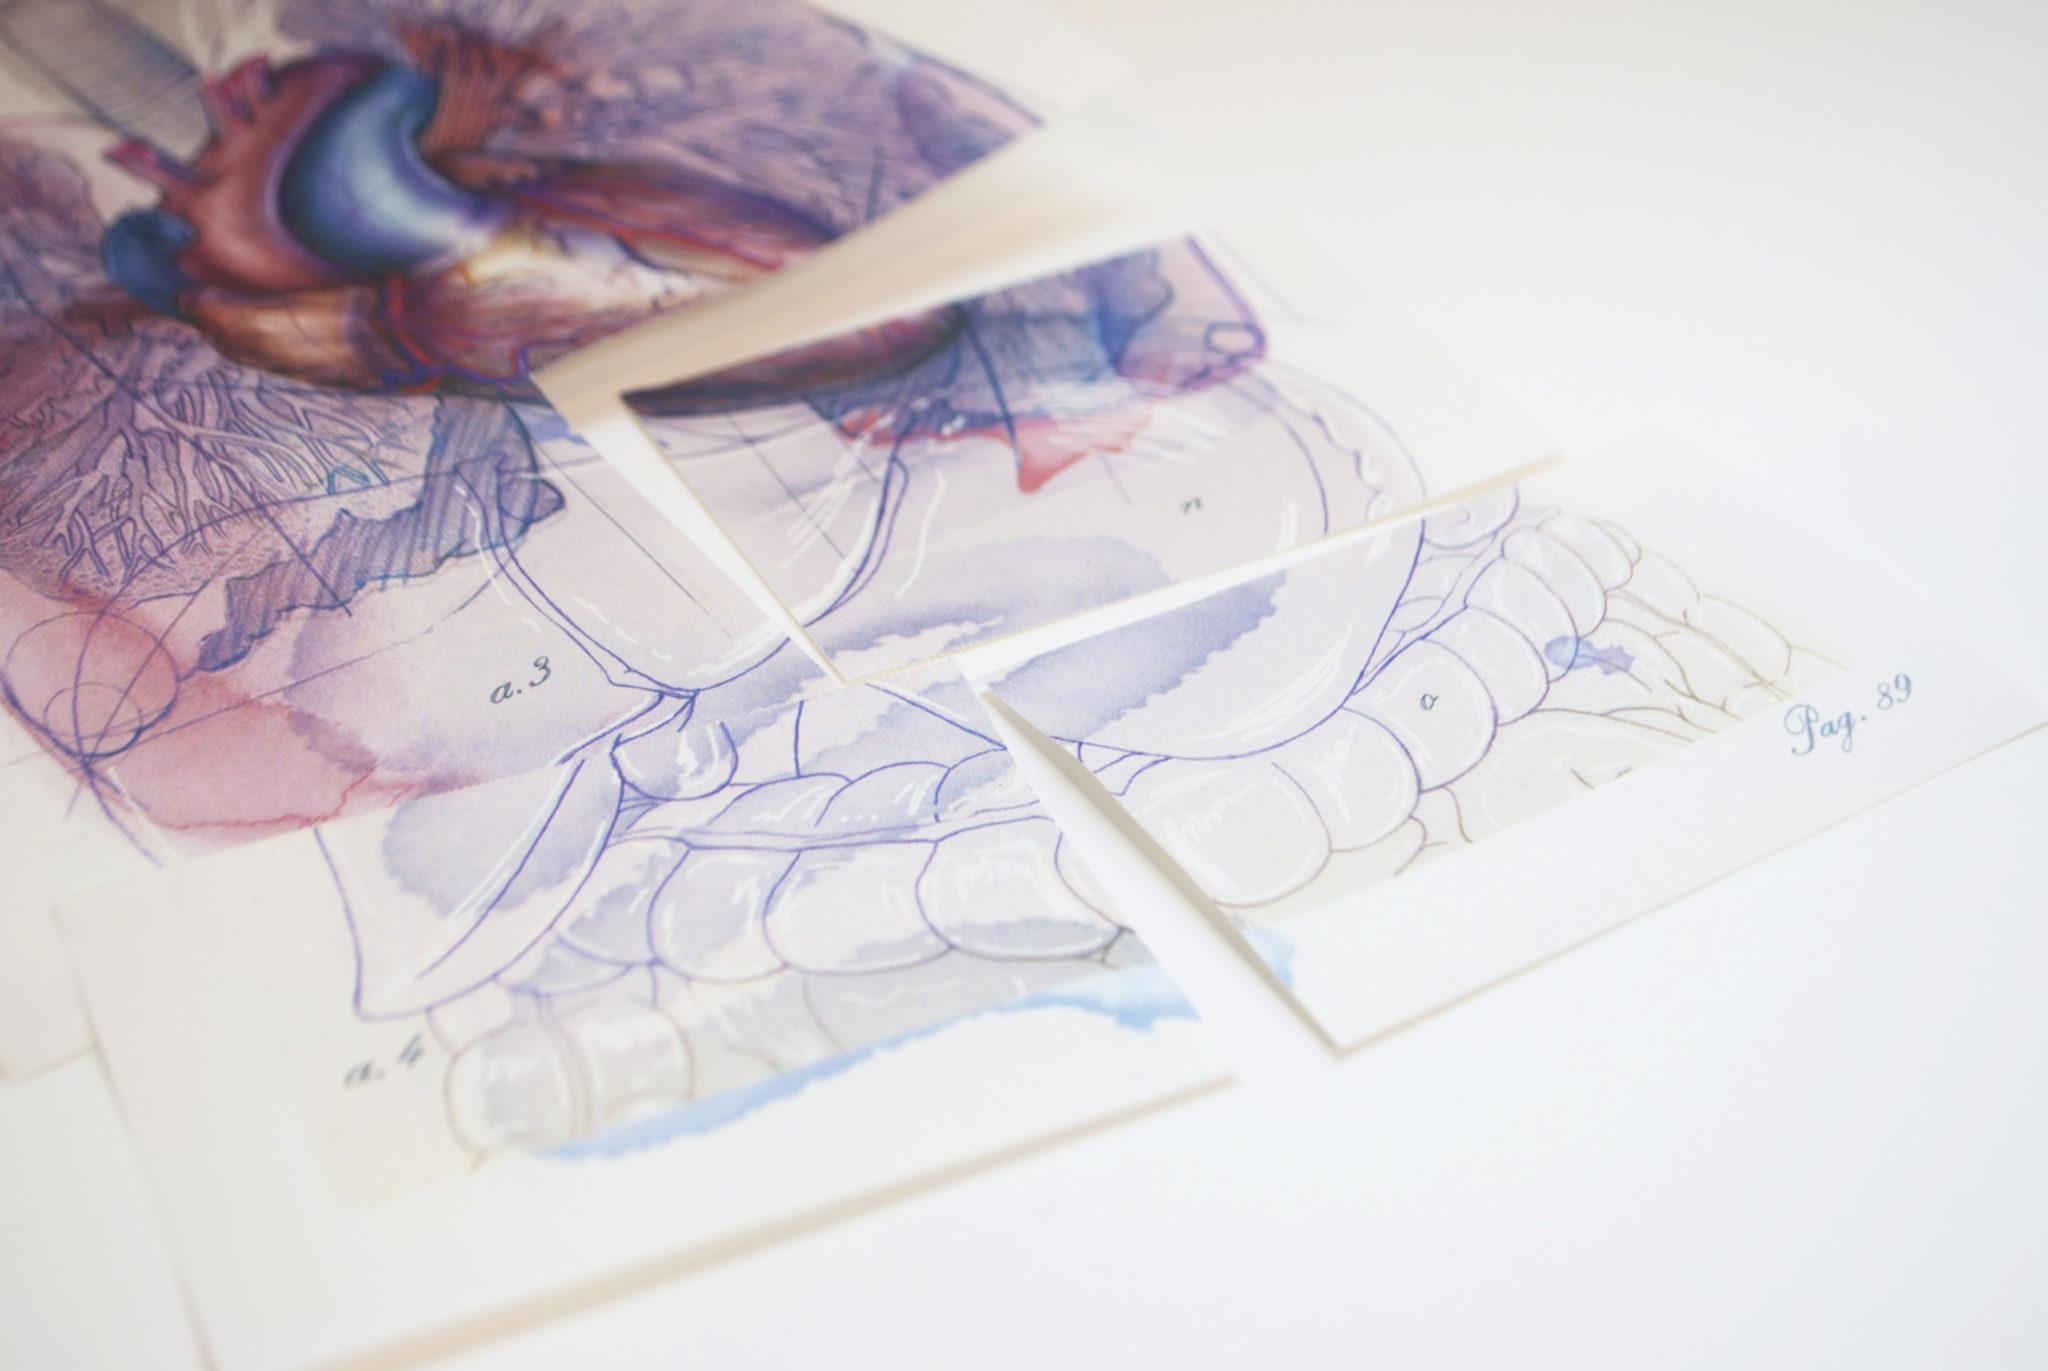 chucherias de arte librino con chapa giselle vitali